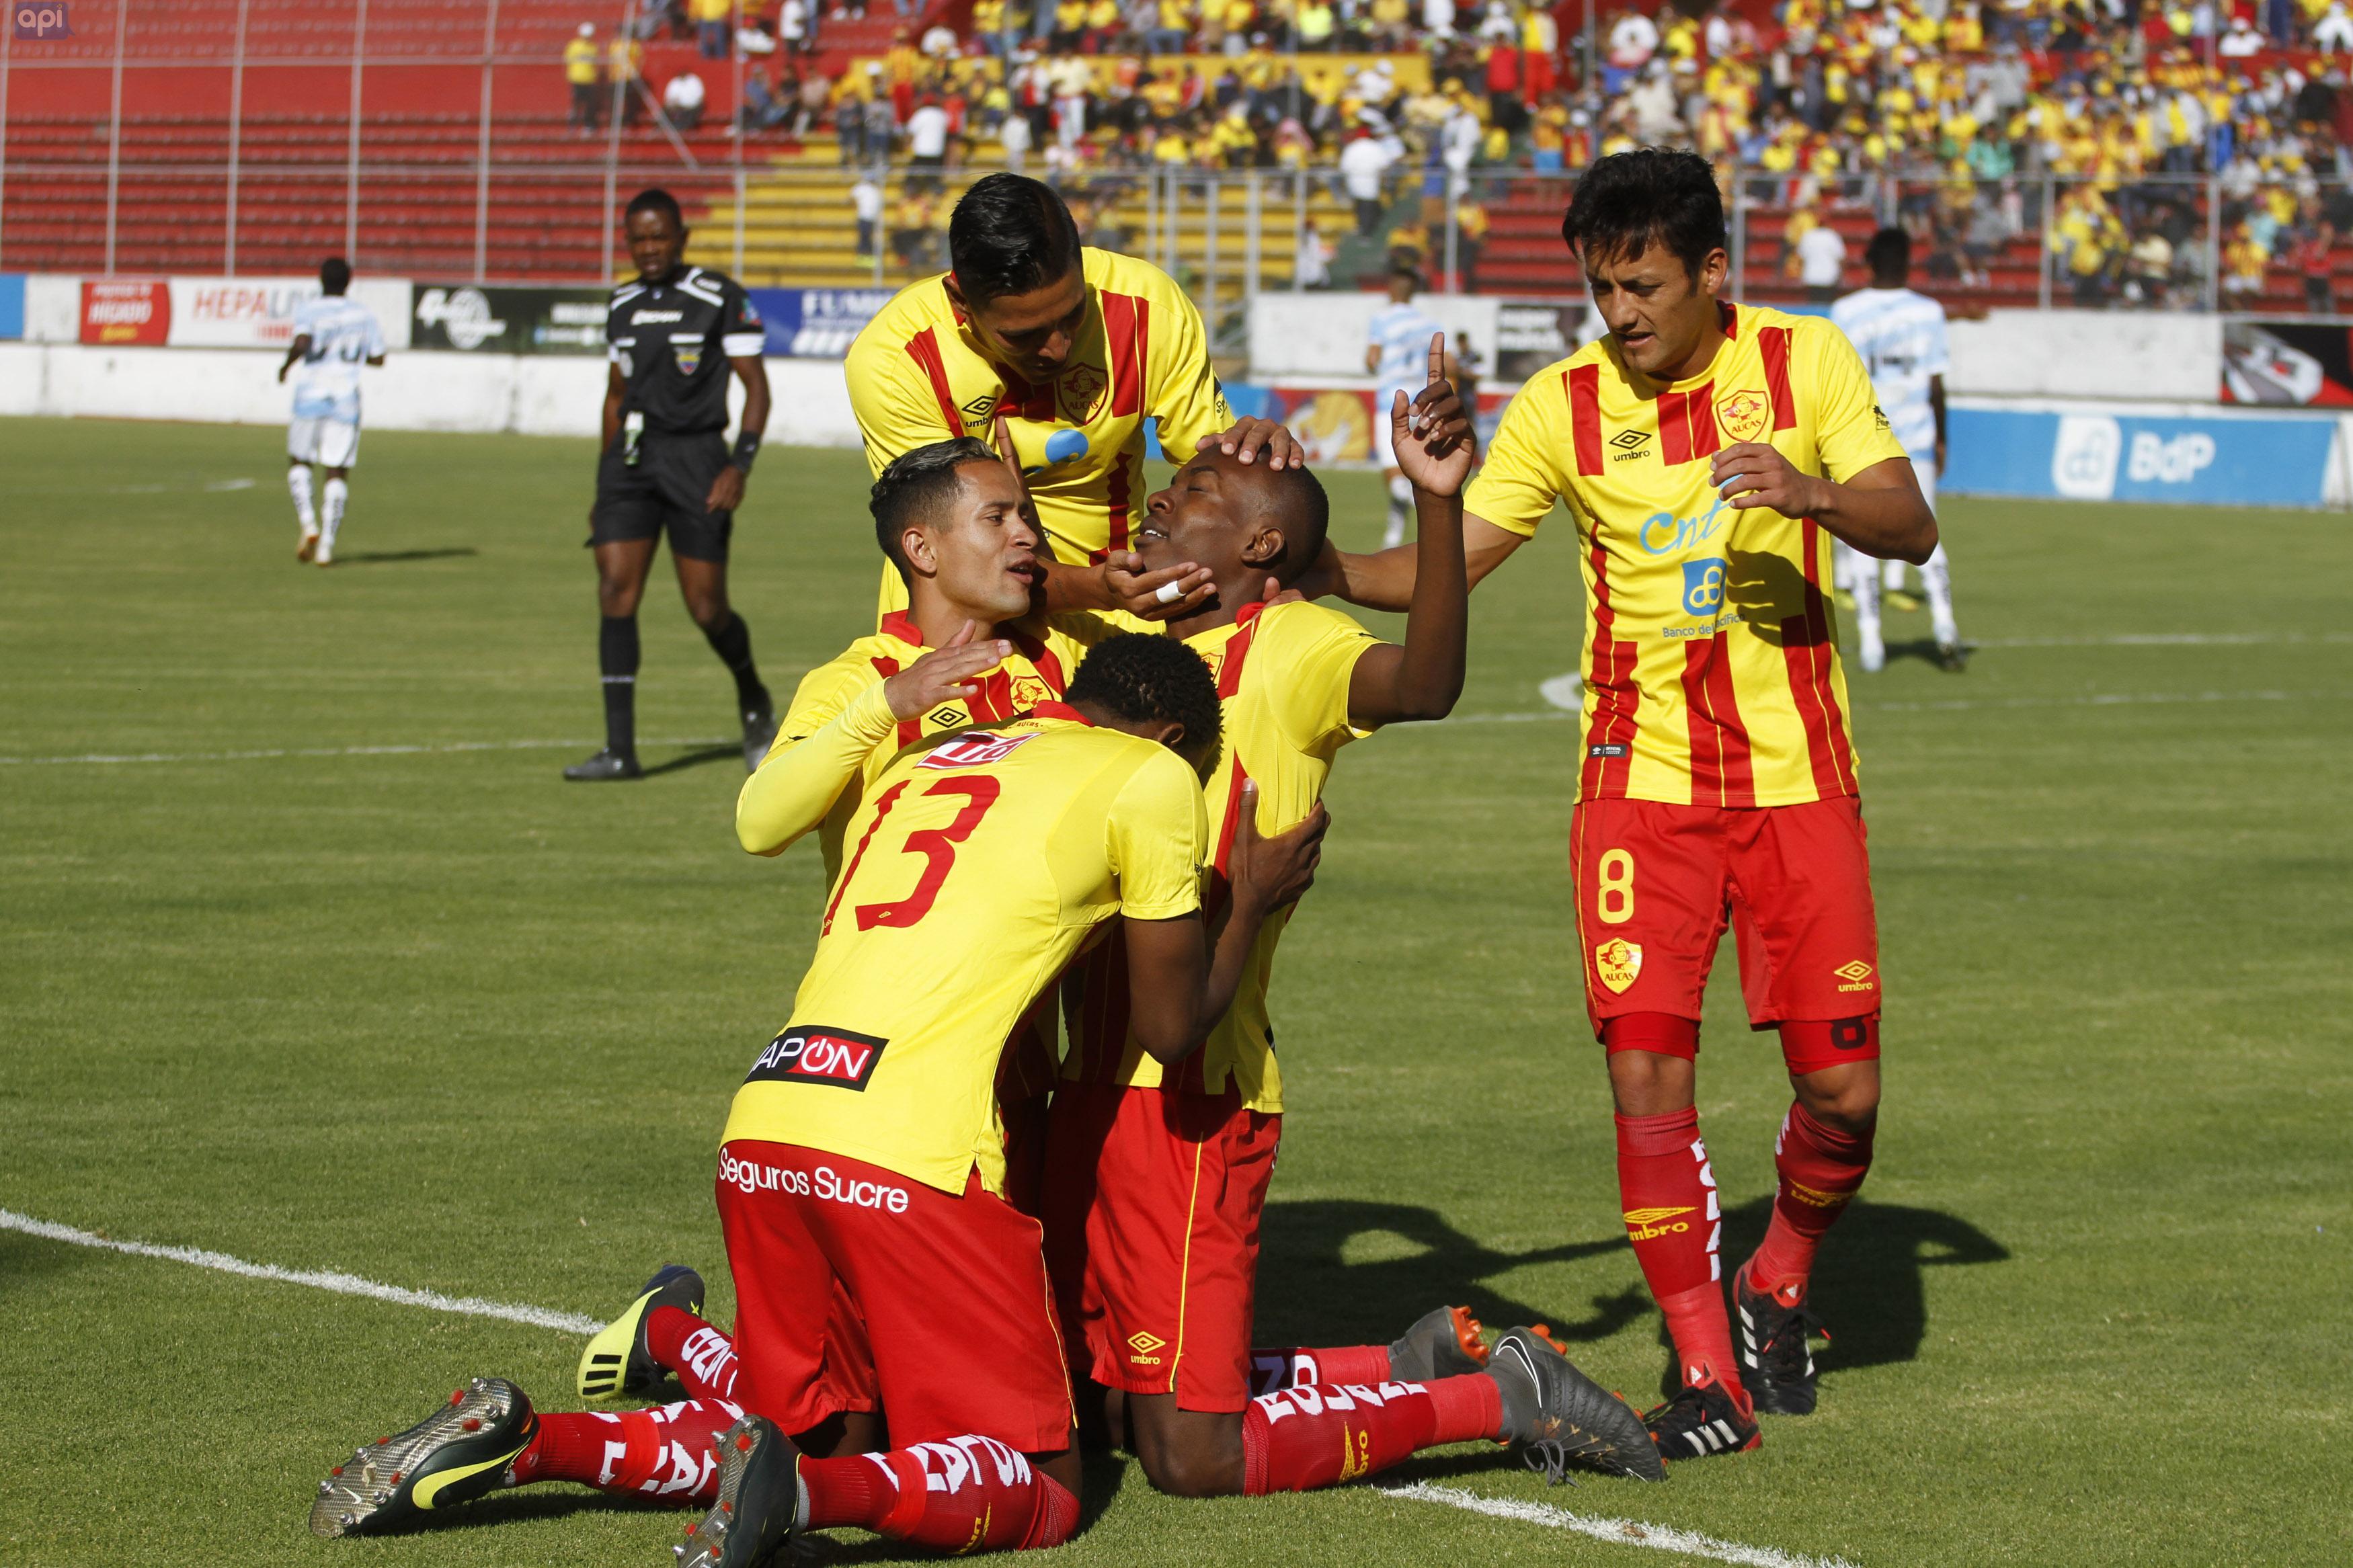 El equipo 'oriental' recibe a El Nacional este sábado y espera casa llena por recuperar los puntos